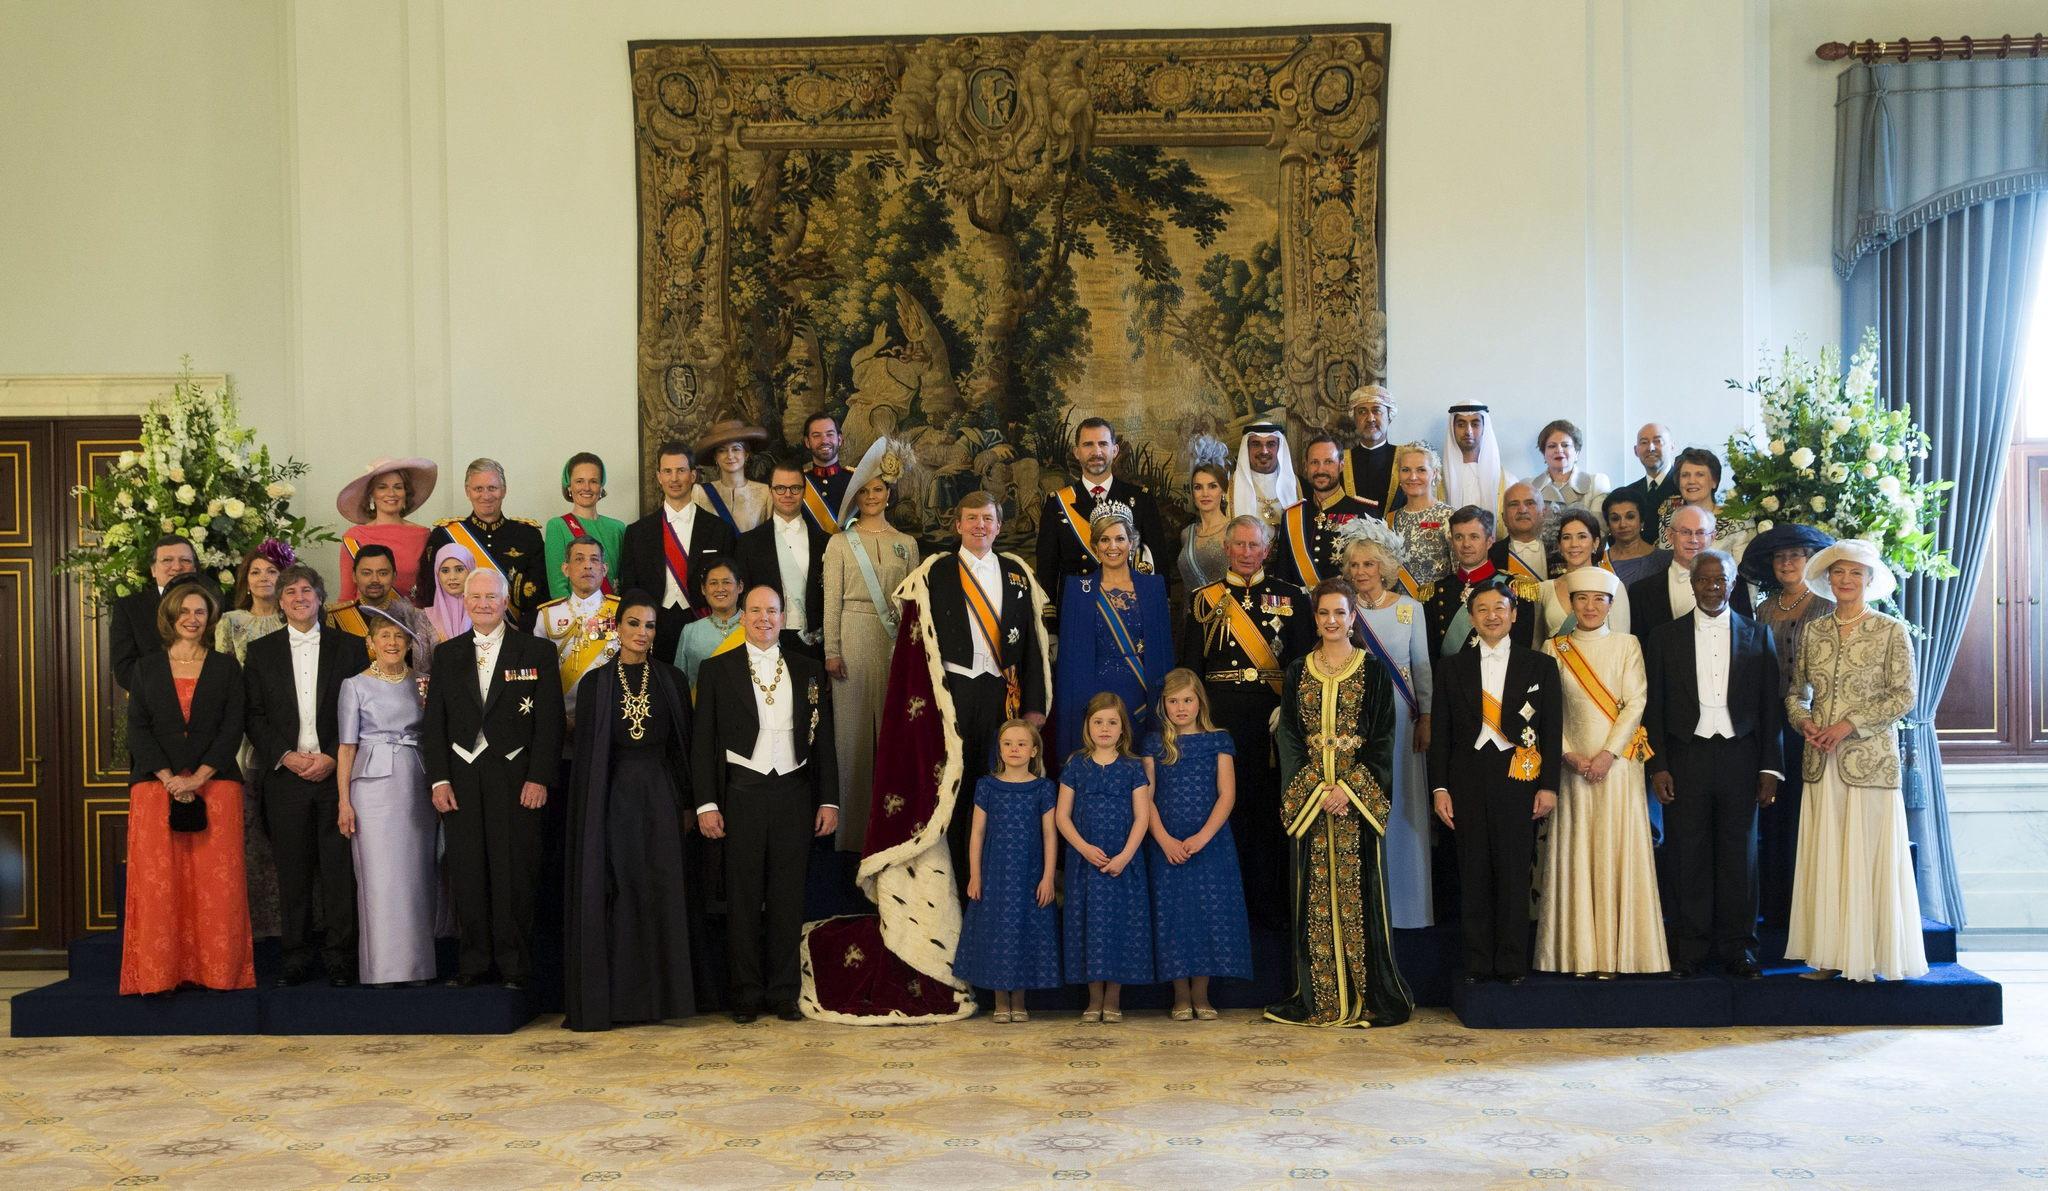 Photo de famille de la cérémonie d'investiture du roi de Hollande William-Alexander.